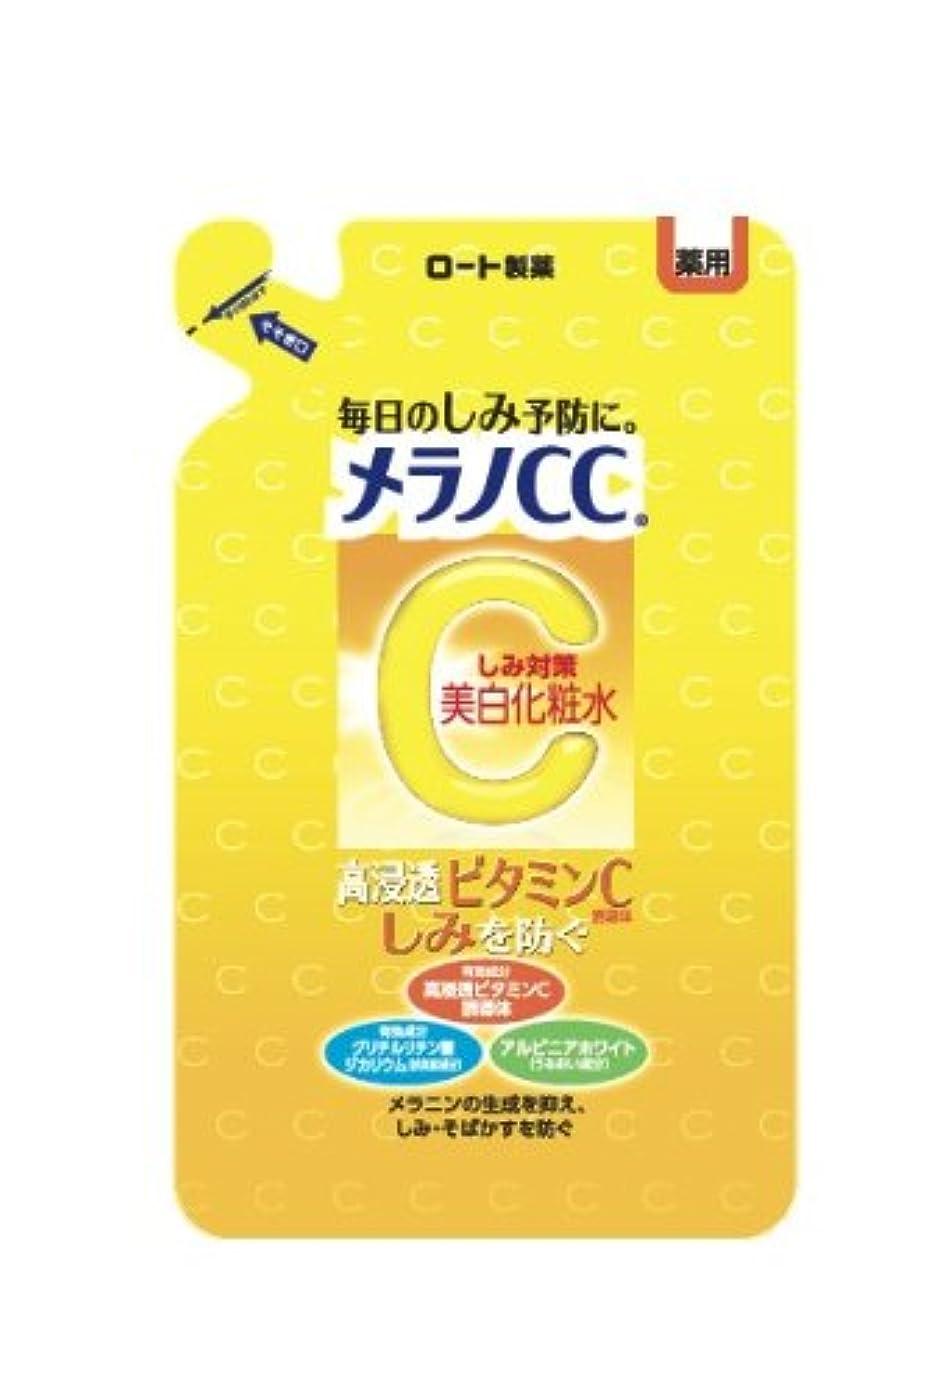 タイマータイピストできた【医薬部外品】メラノCC 薬用しみ?そばかす対策 美白化粧水 詰替用 170mL